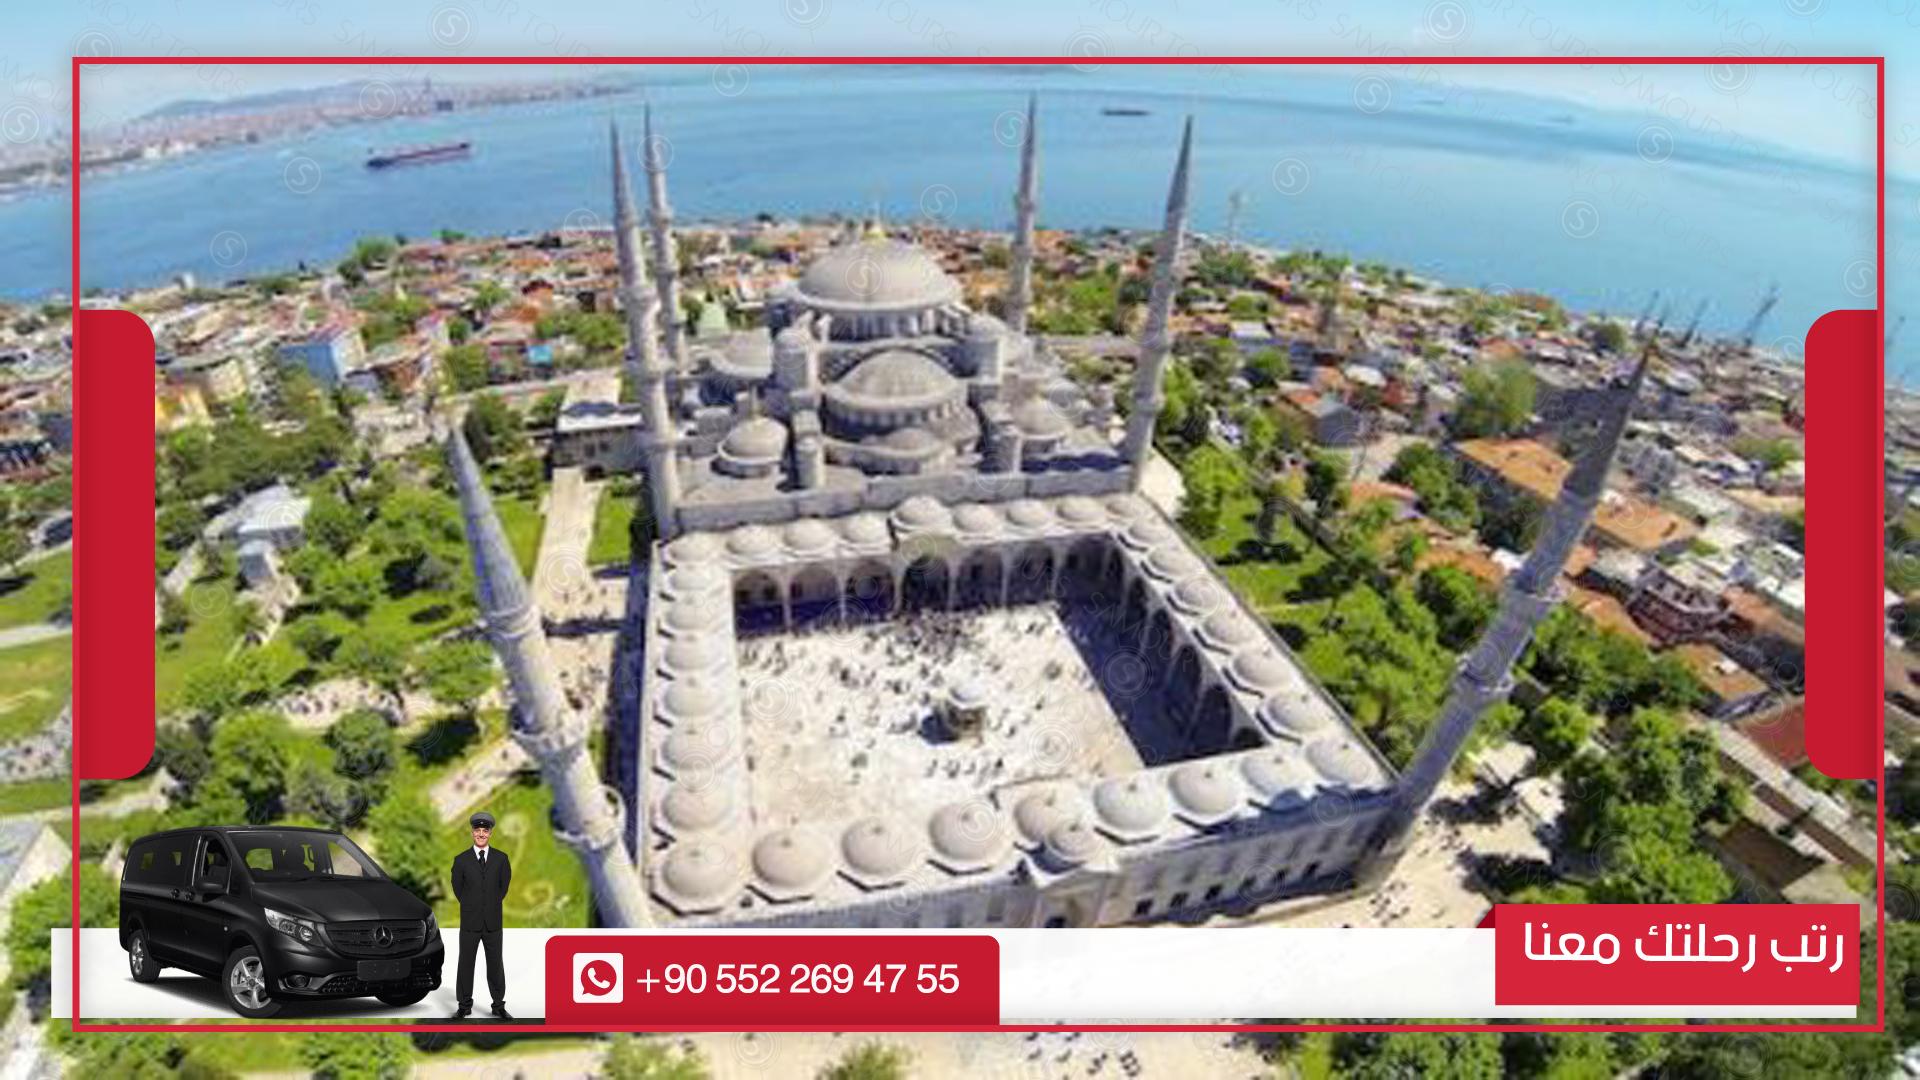 جولة المتاحف في اسطنبول